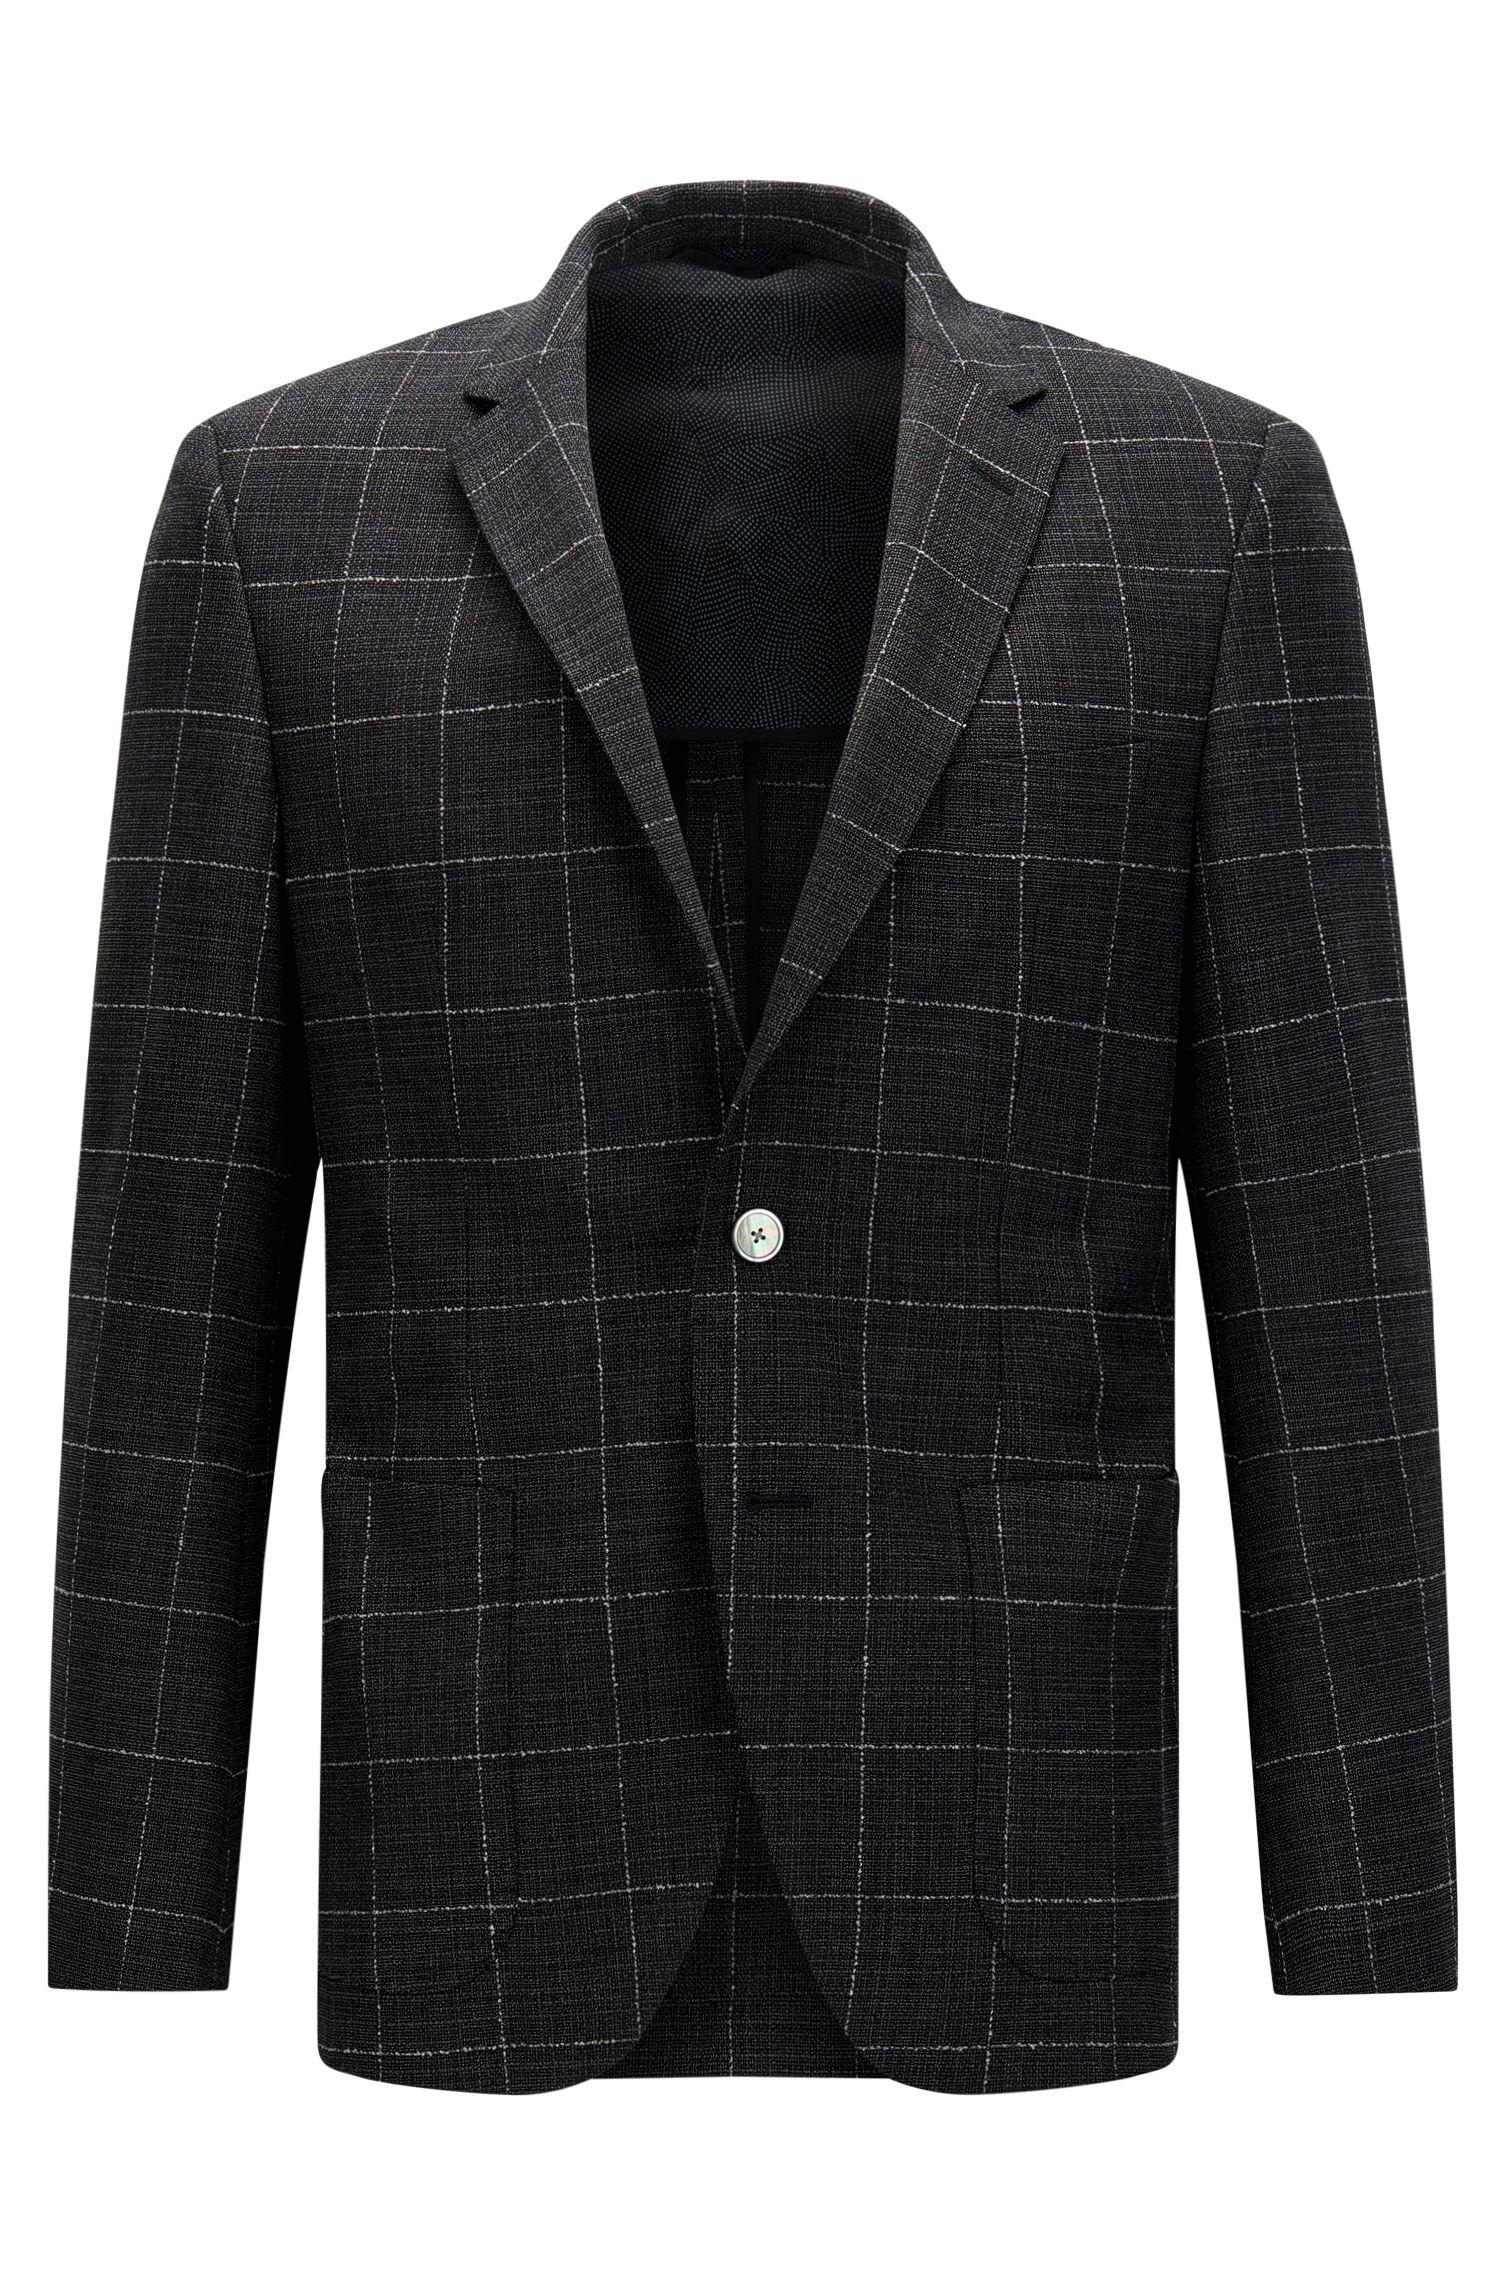 'Janson' | Regular Fit, Windowpane Virgin Wool Sport Coat